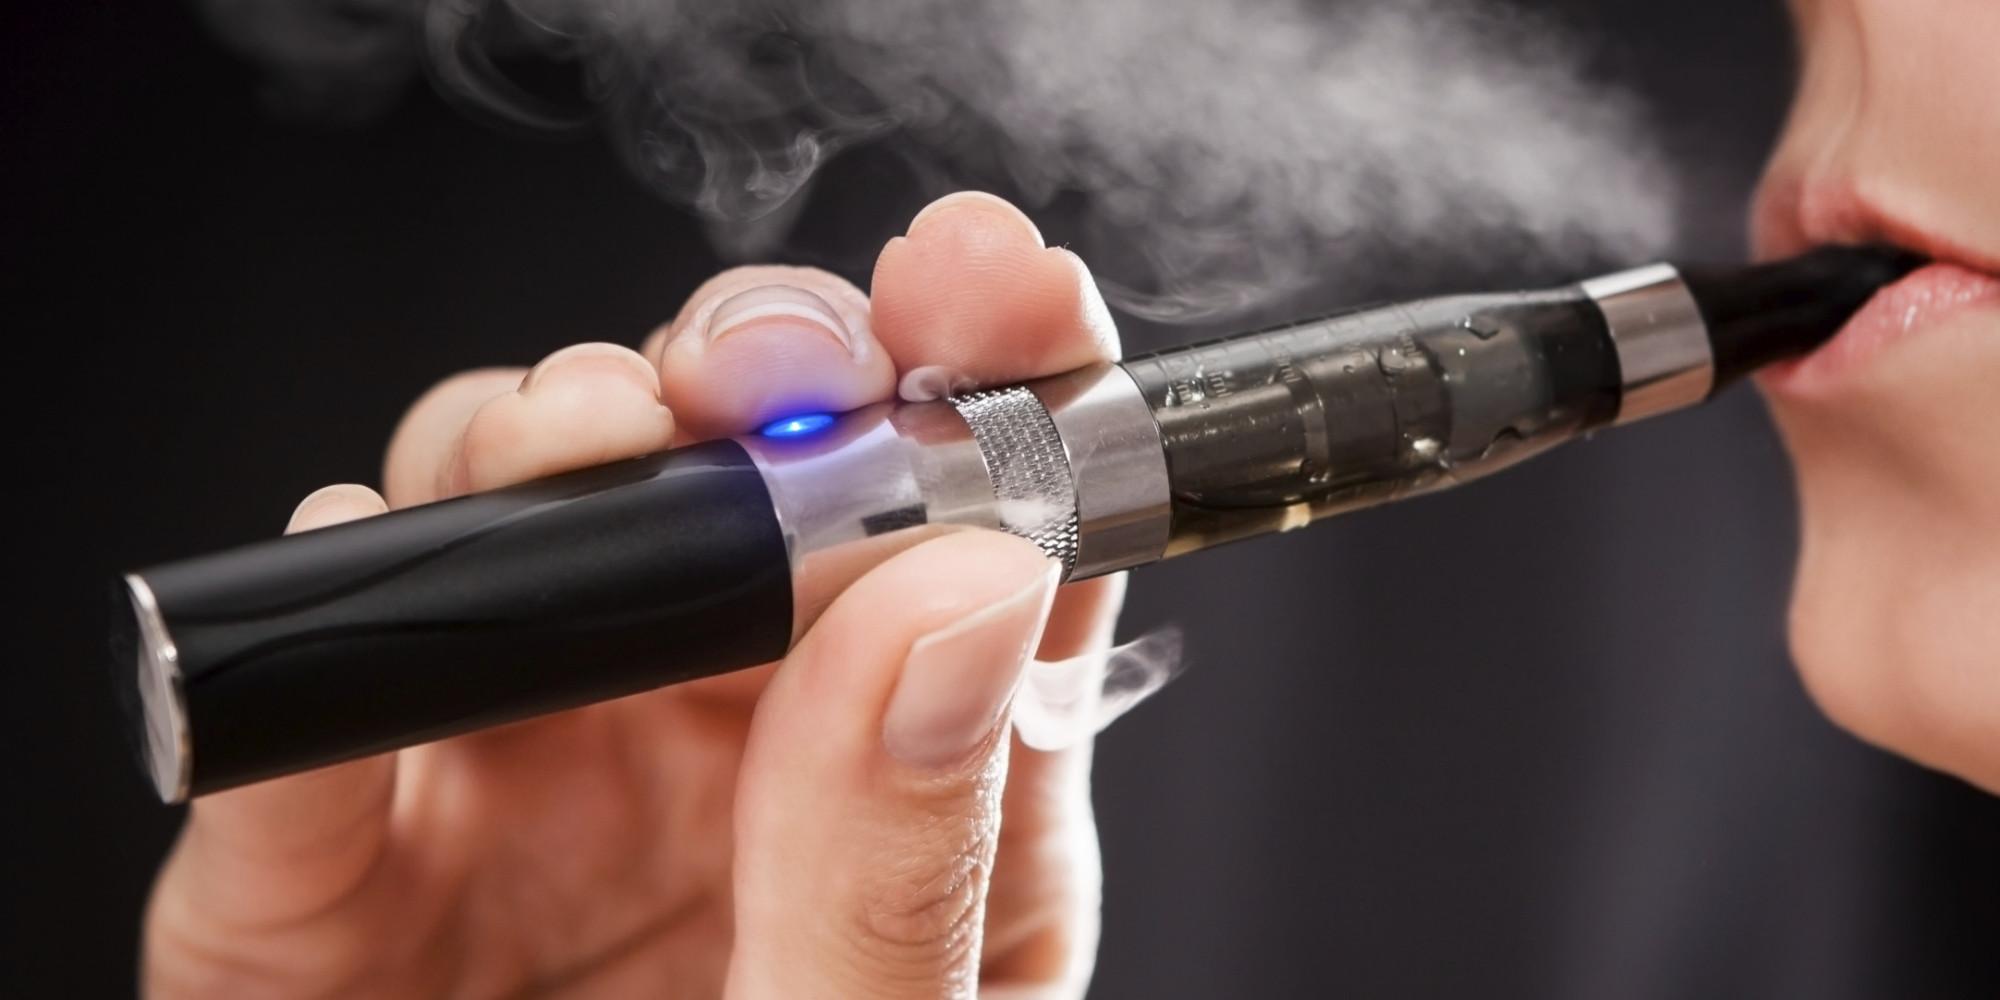 Deje de fumar... gracias al cigarrillo electrónico